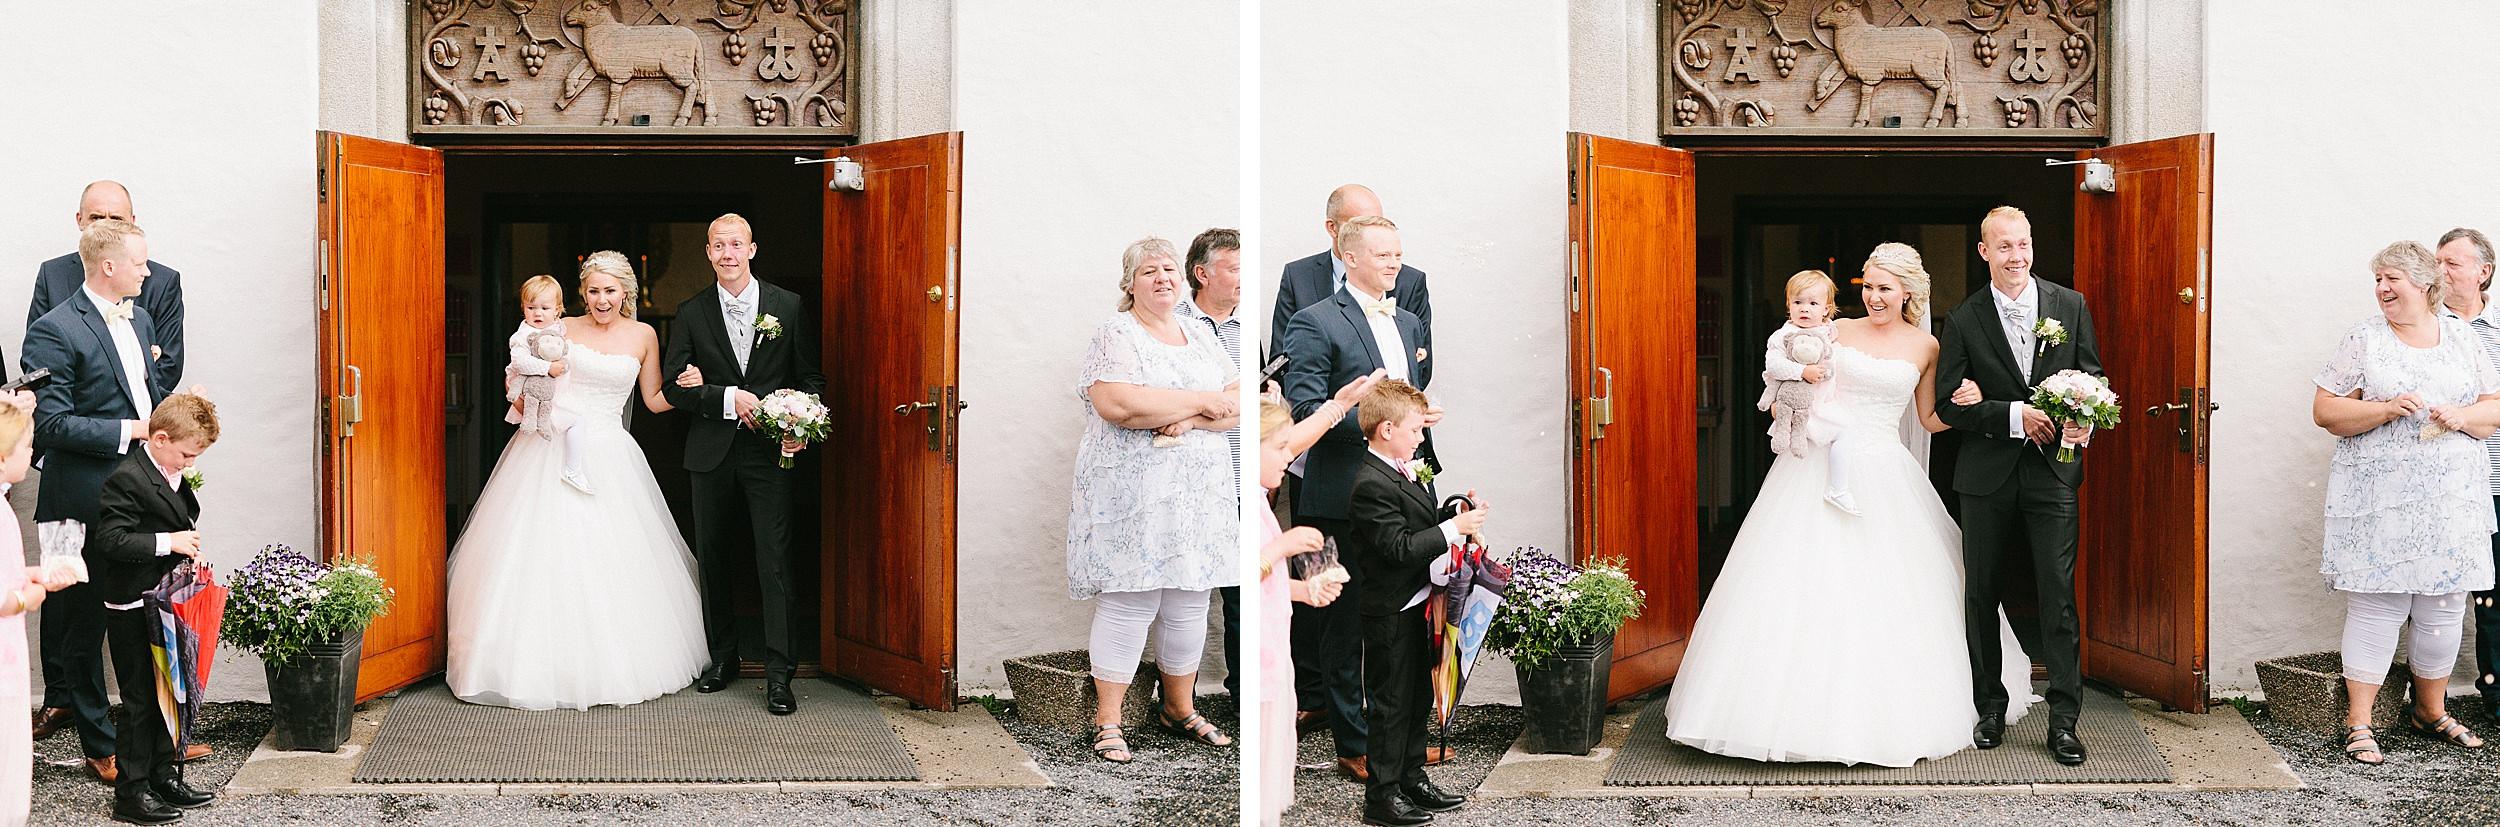 Heldags-bryllupsfoto-june-thomas_0065.jpg